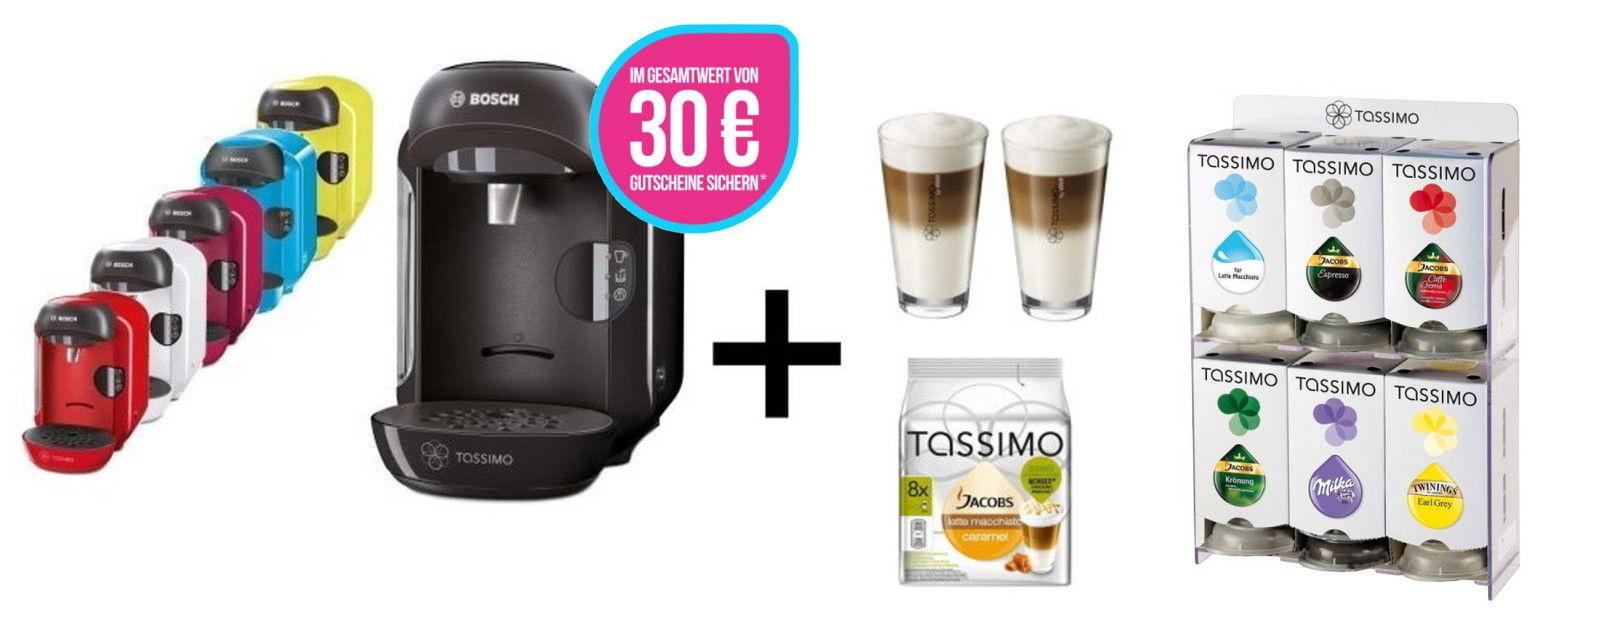 Bosch TASSIMO VIVY + 30 EUR Gutscheine* + T Discs + WMF Gläser Set + Spender für 34,95€ bei eBay